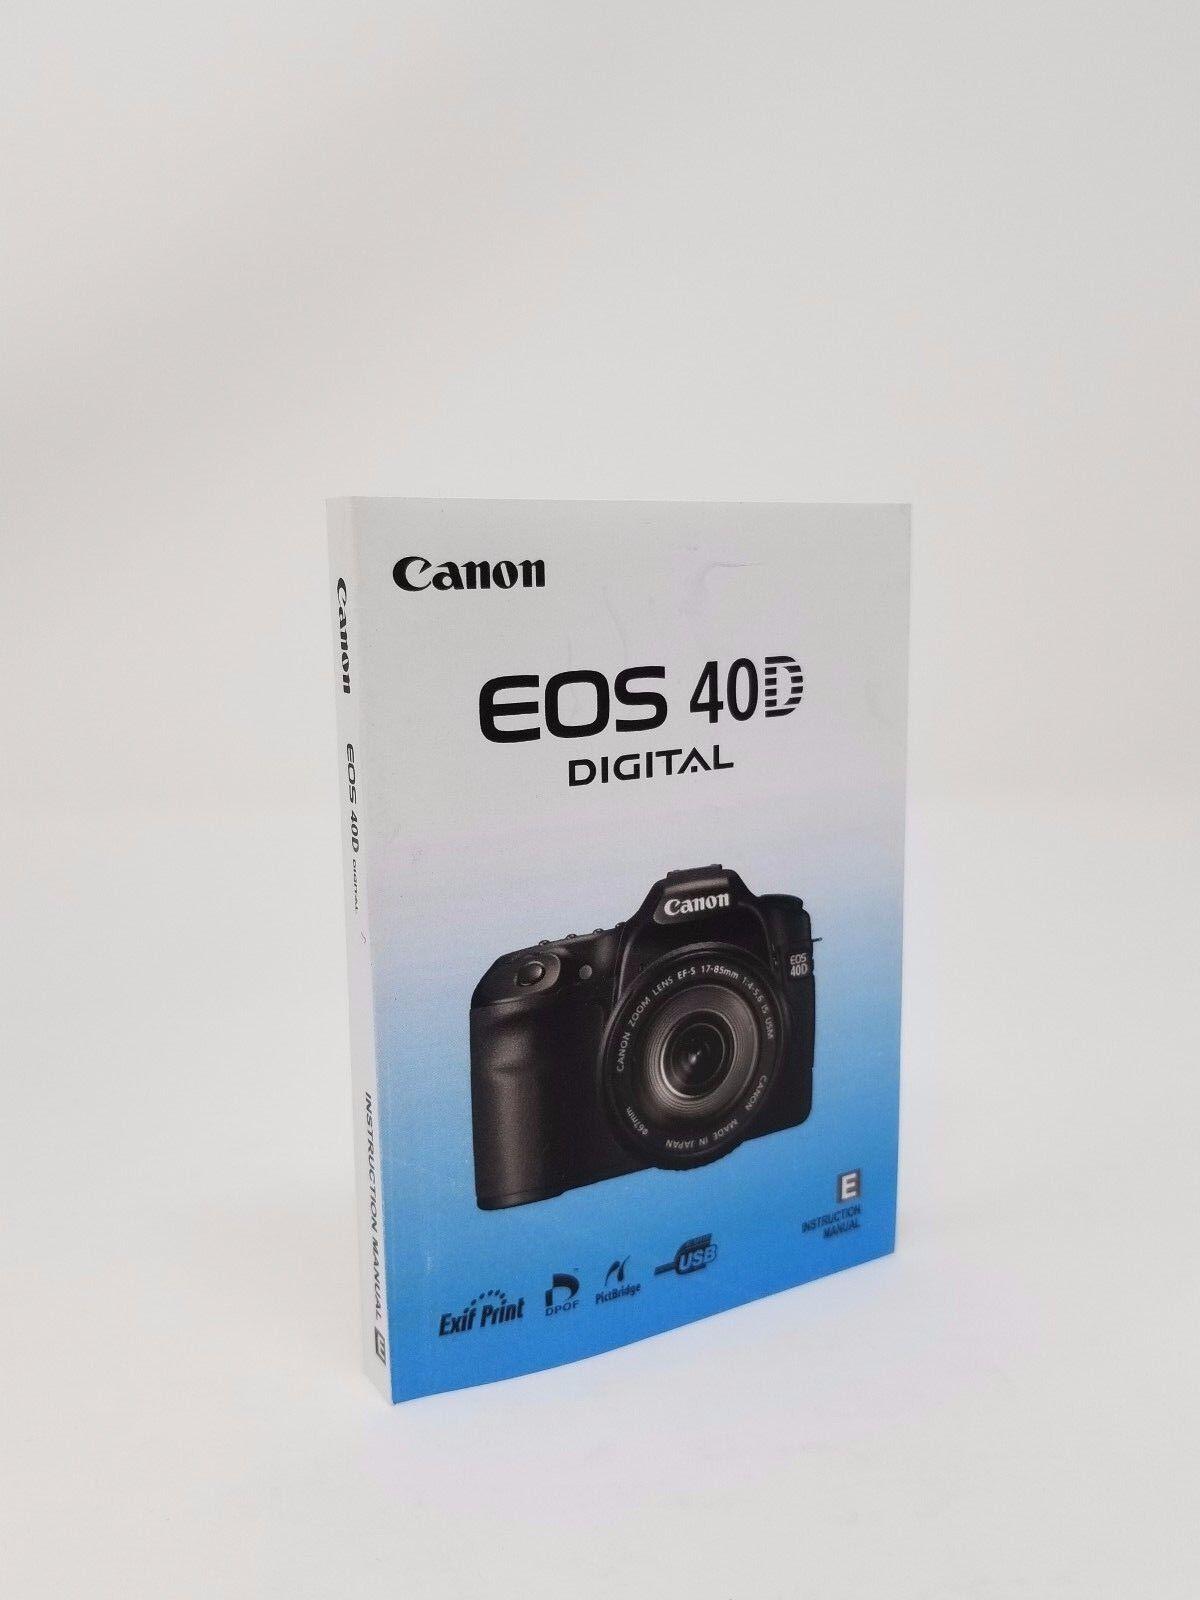 canon eos 40d genuine instruction owners manual book original new rh bayshop com Canon EOS 40D DSLR Canon EOS 40D DSLR